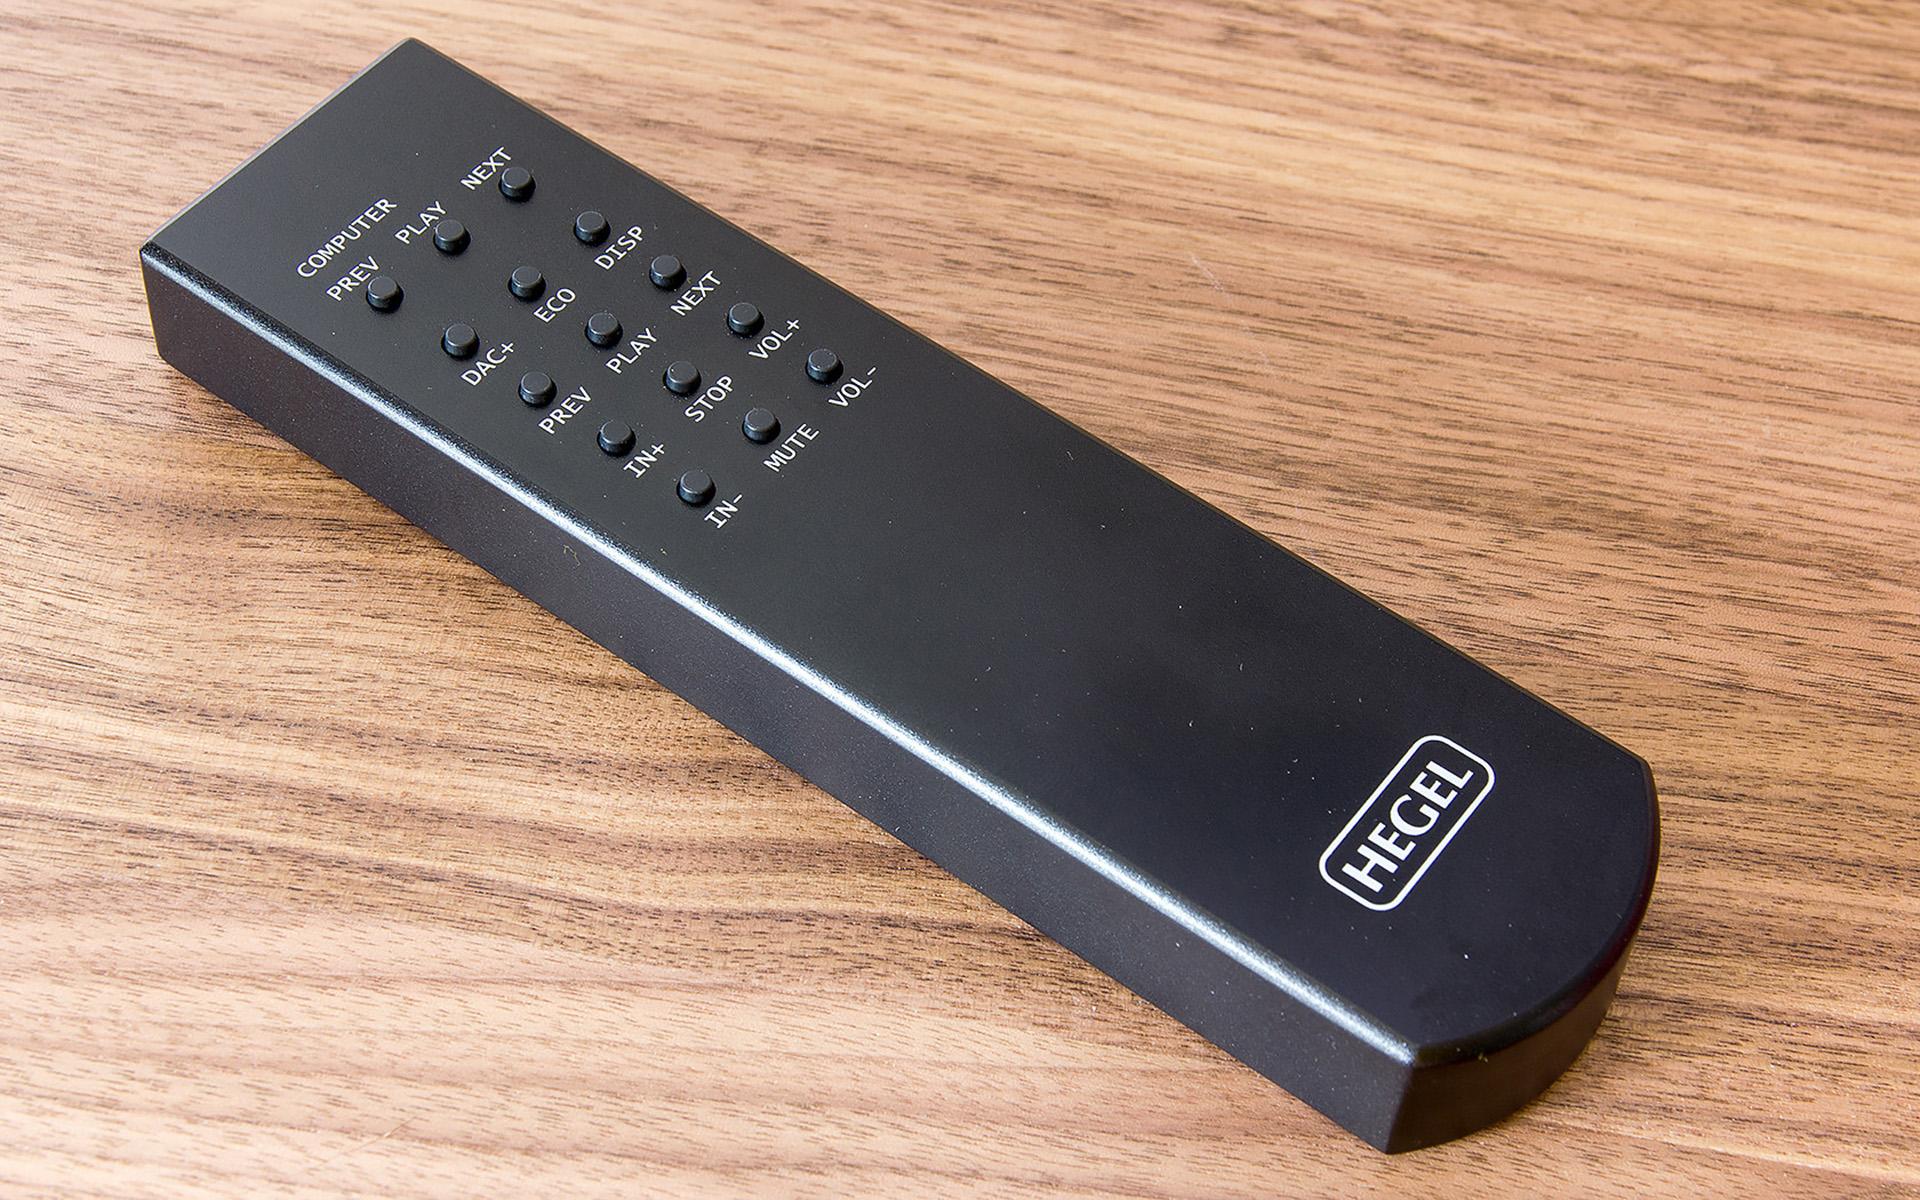 Пульт дистанционного управления Hegel RC8 работает и с другими компонентами компании, управляя входами, громкостью, отключением звука и регулировкой дисплея.